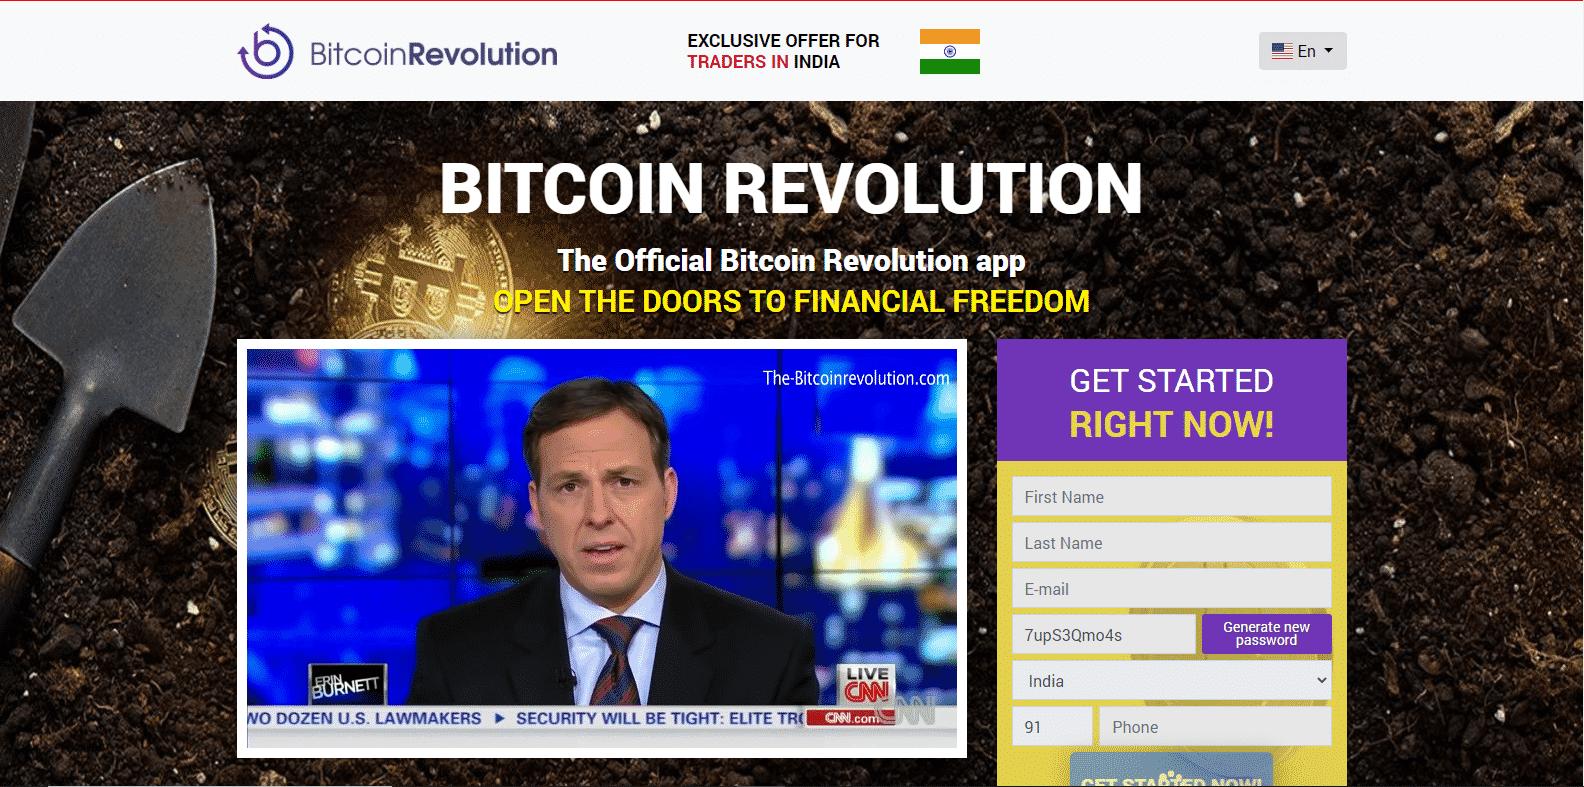 Bitcoin Revolution Trading Platform